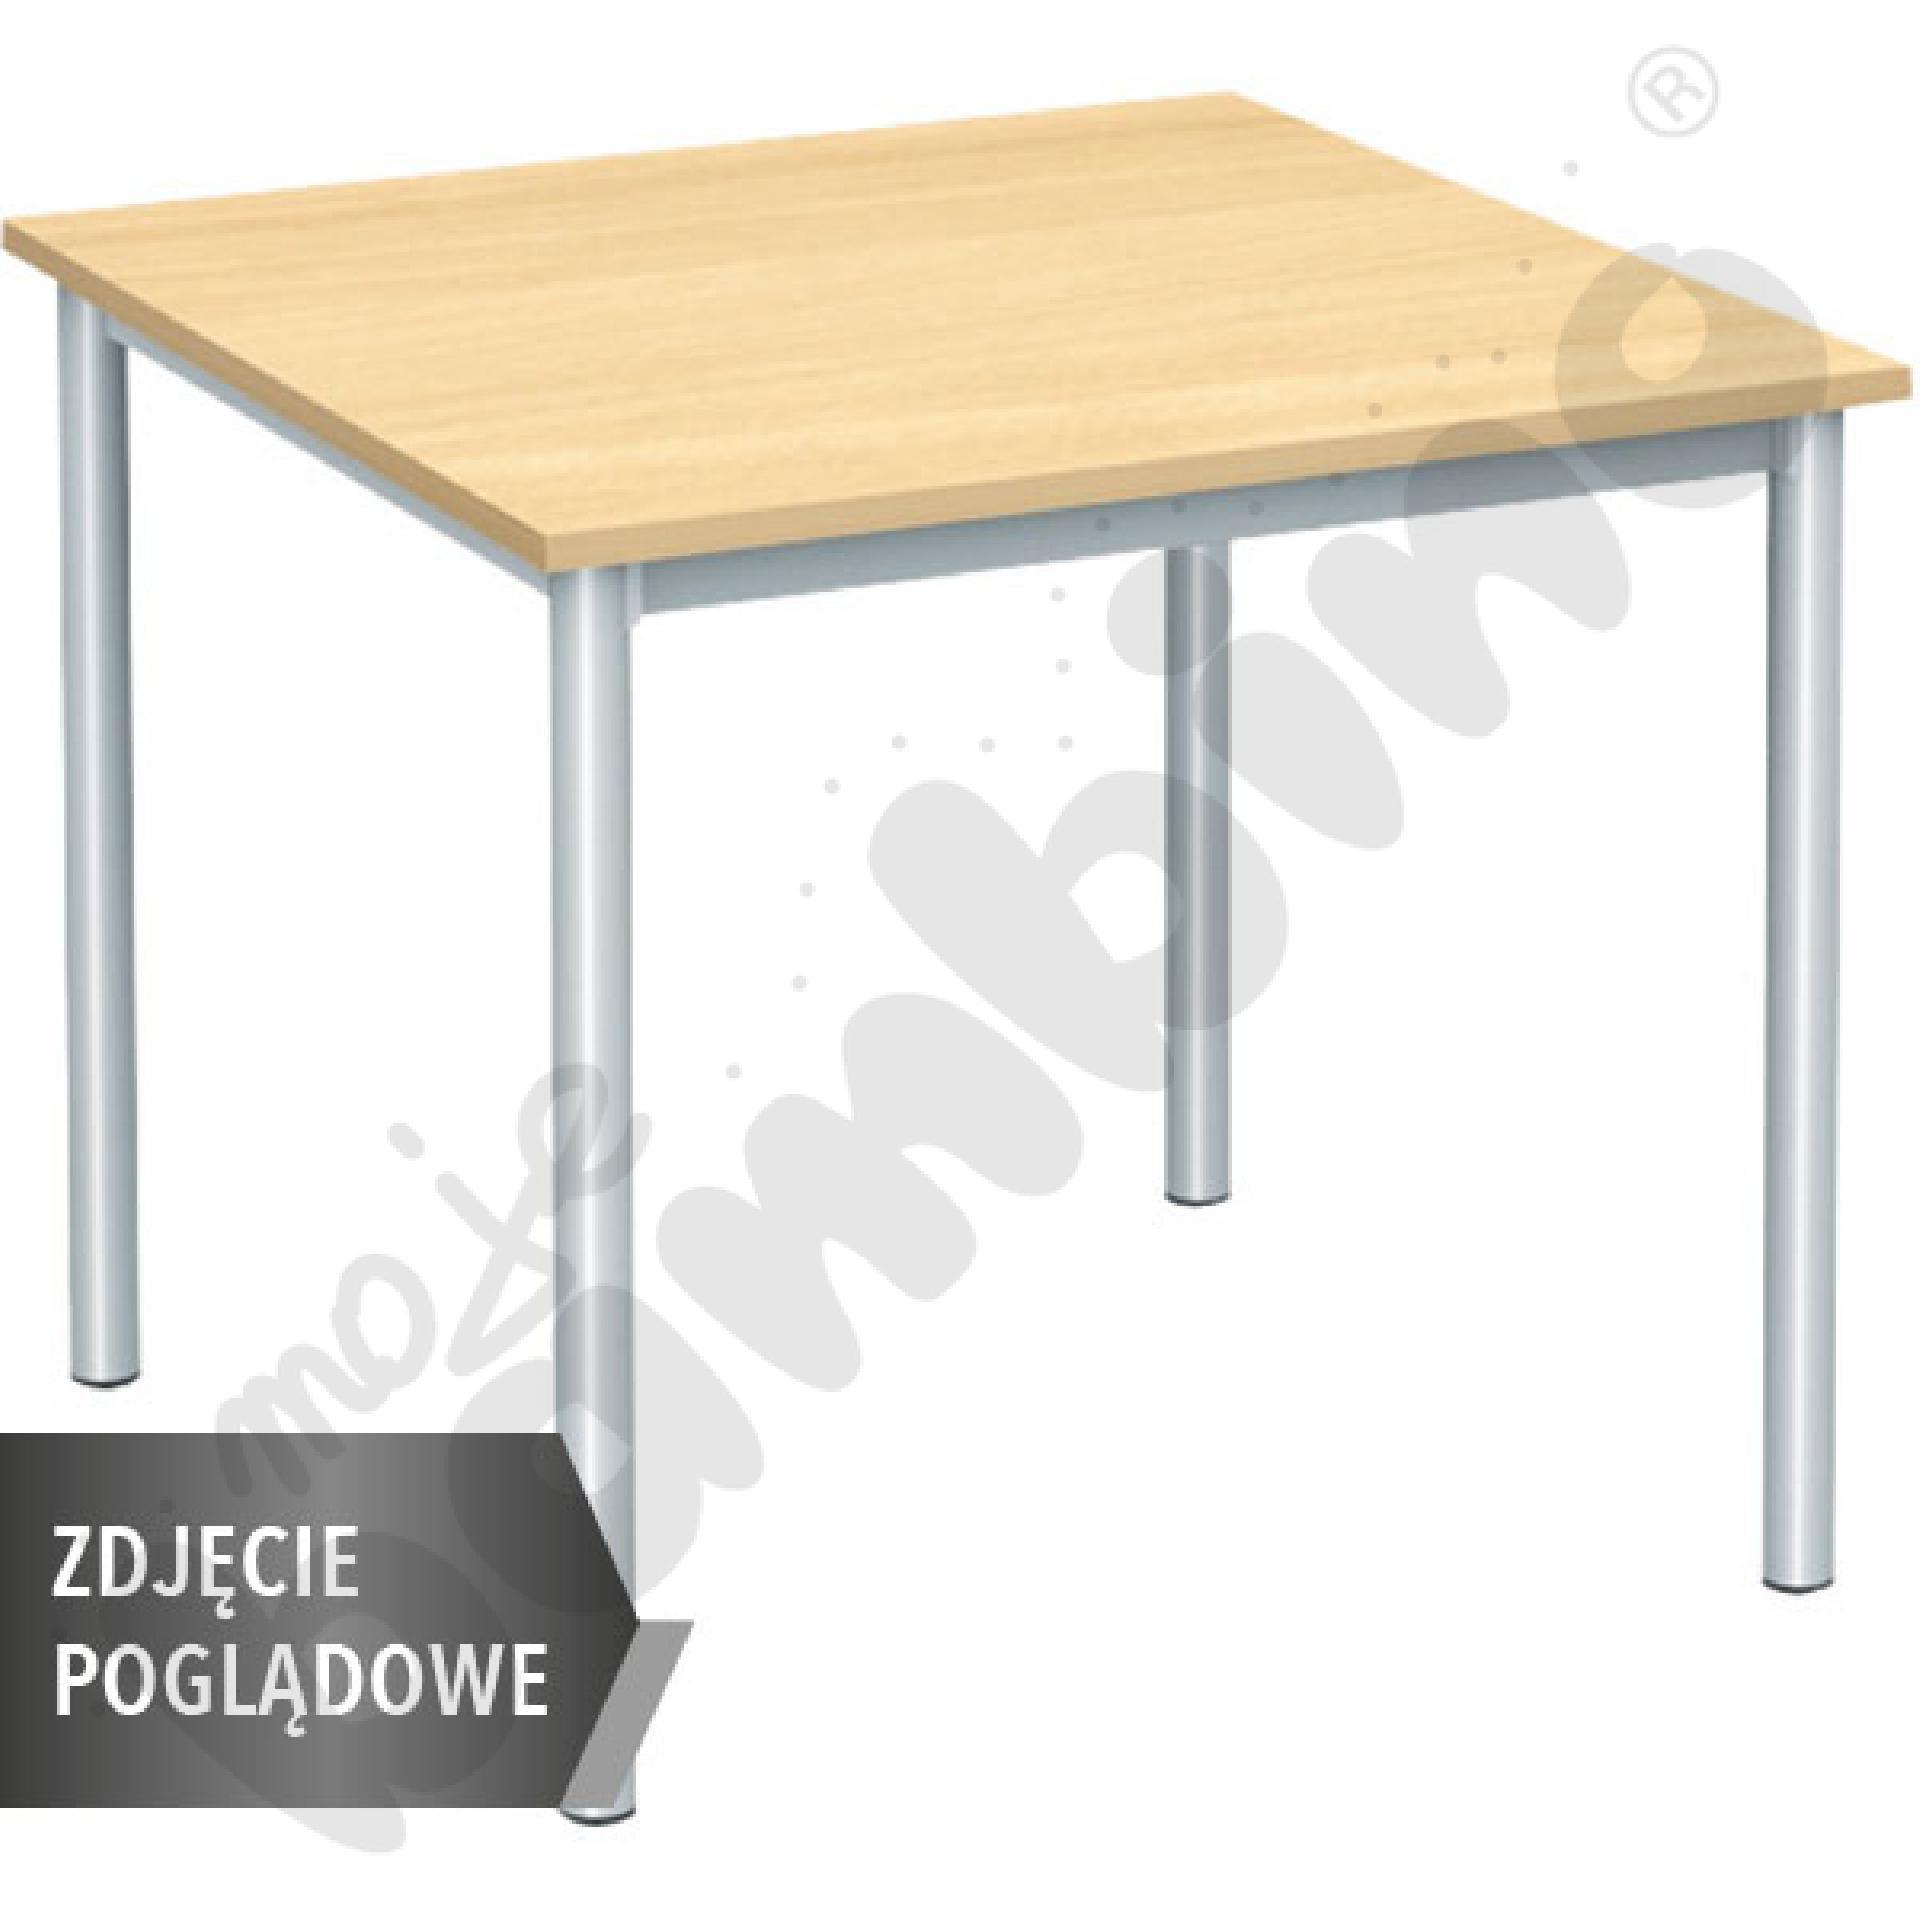 Stół Mila 80x80 rozm. 6, 4os., stelaż aluminium, blat biały, obrzeże ABS, narożniki proste